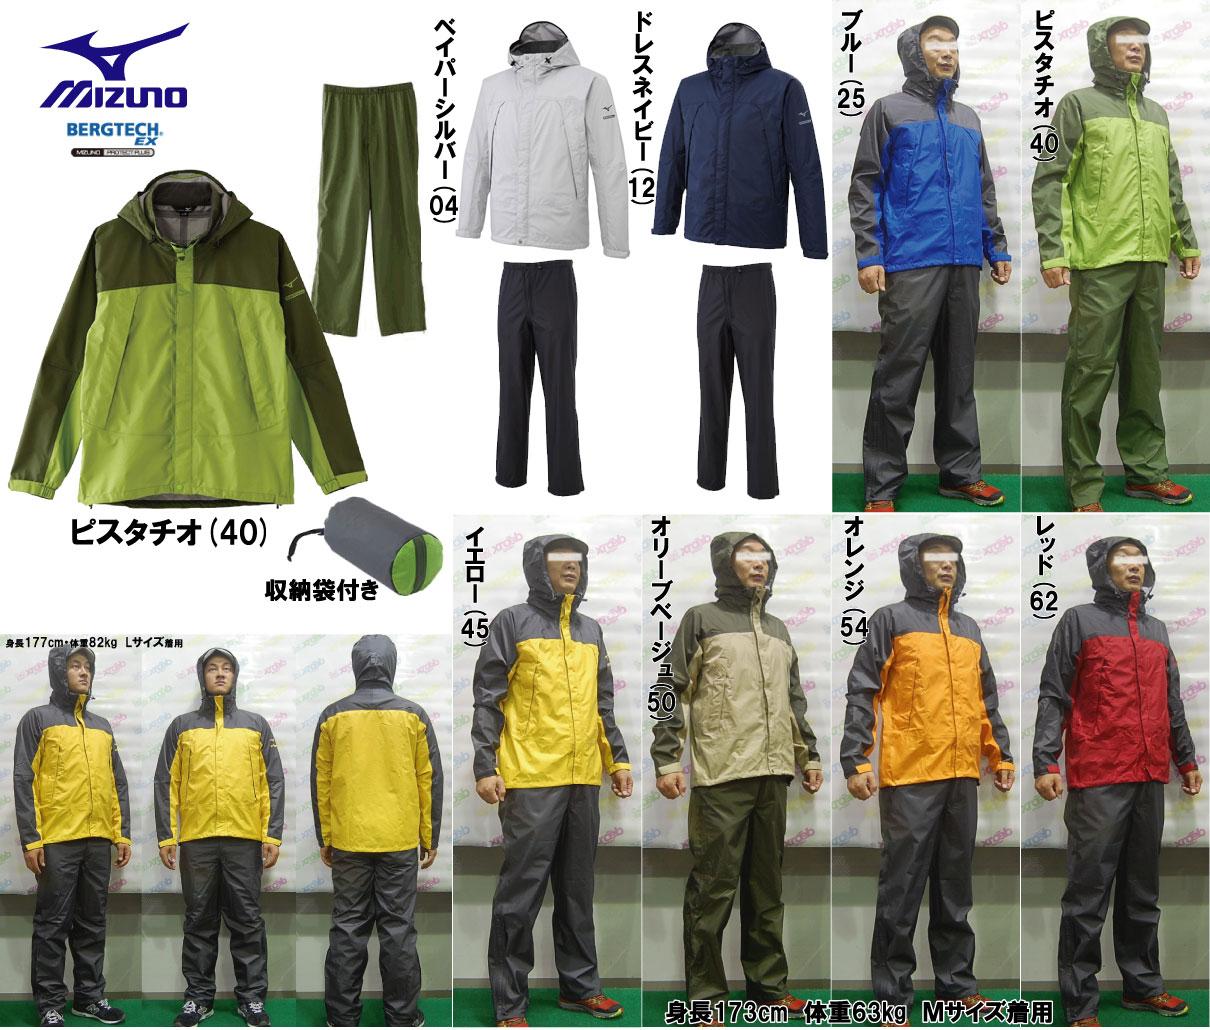 ミズノ ベルグテックEXストームセイバーVレインスーツ メンズ レインウェアー上下セット(男性用登山用雨具/雨カッパ) A2JG4A01